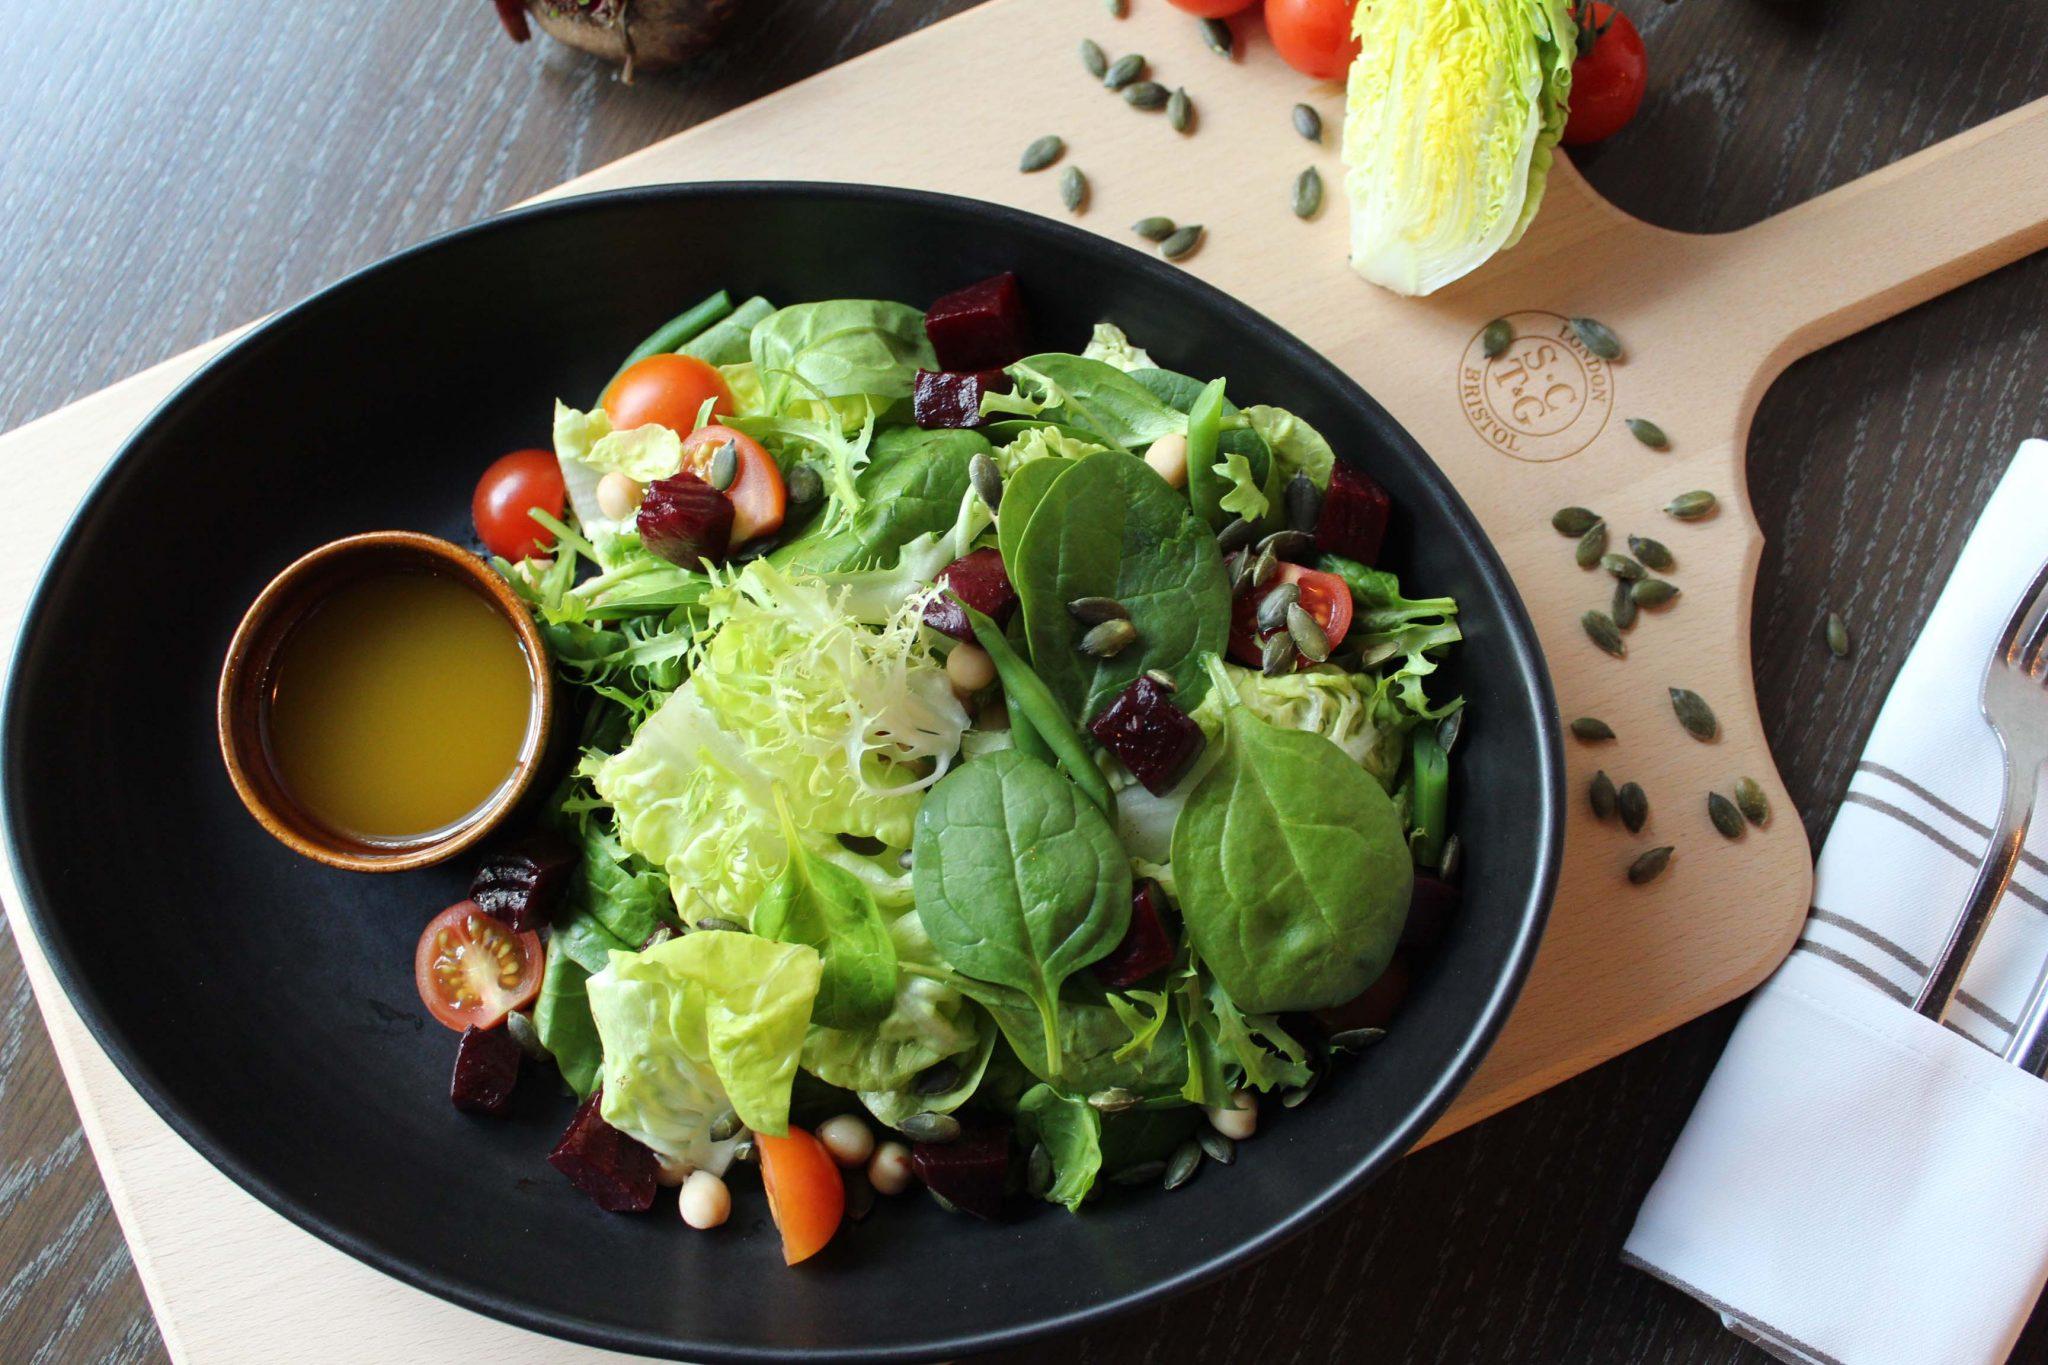 كافيه 302 يقدم قائمة طعام لذيذة مع عروض أسبوعية طوال شهر يناير 2021